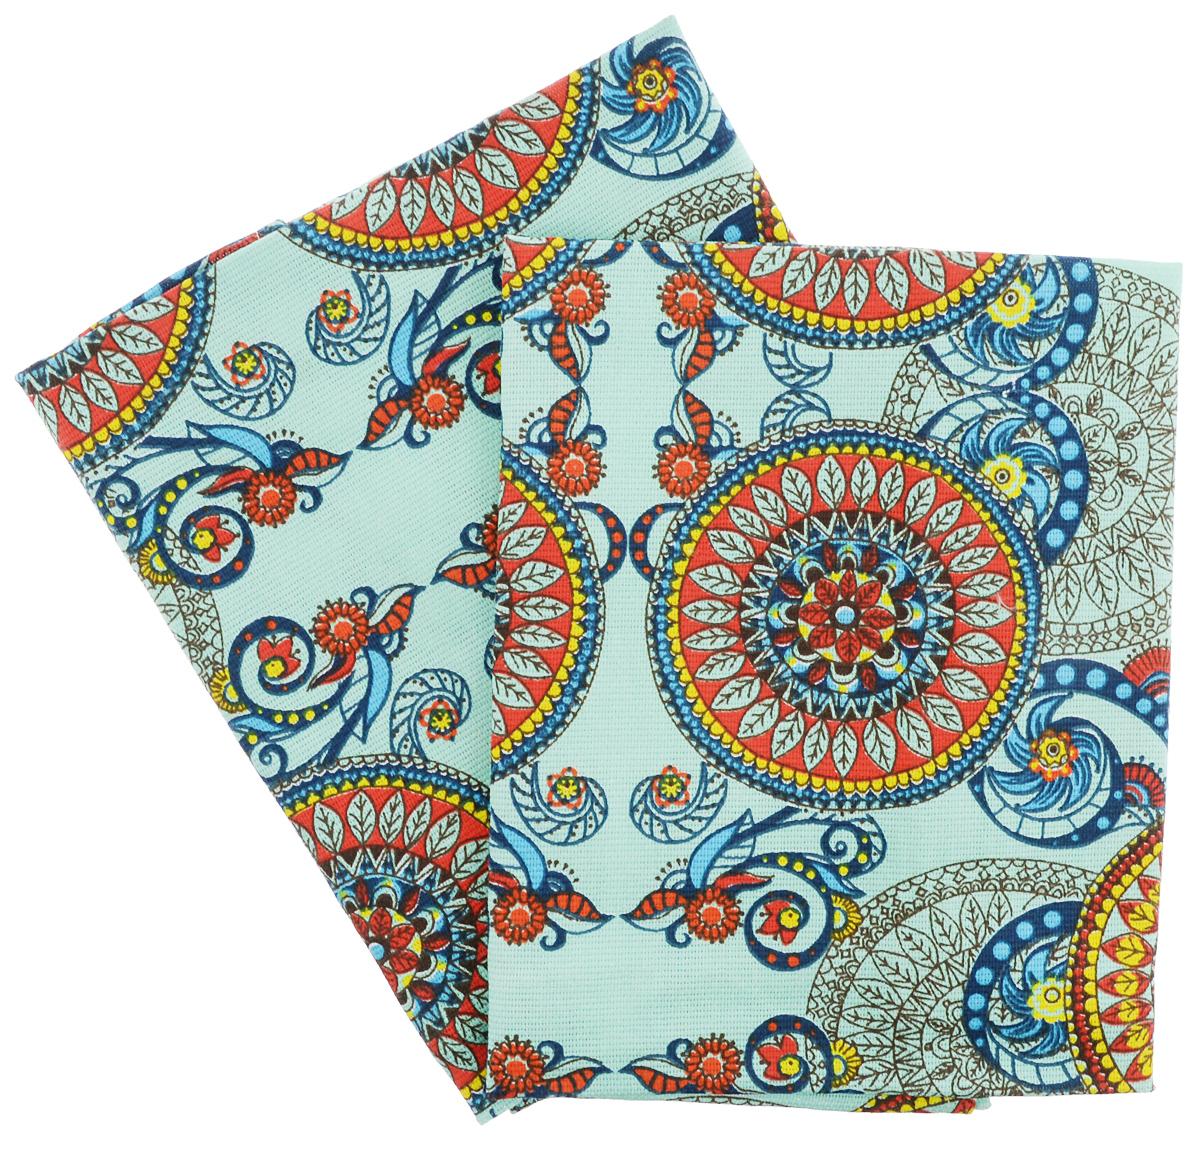 Набор кухонных полотенец Letto Орнамент, 47 х 68 см, 2 штKR-02_ментоловыйНабор Letto состоит из двух прямоугольных кухонных полотенец, оформленных красочным орнаментом. Изделия выполнены из рогожки (натуральный 100% хлопок). Изысканный дизайн дополнит интерьер, а натуральная мягкая ткань обладает прекрасным впитывающим свойством, что незаменимо на кухне! Комплект полотенец для кухни Letto - отличное приобретение для каждой хозяйки. Размер одного полотенца: 47 х 68 см.